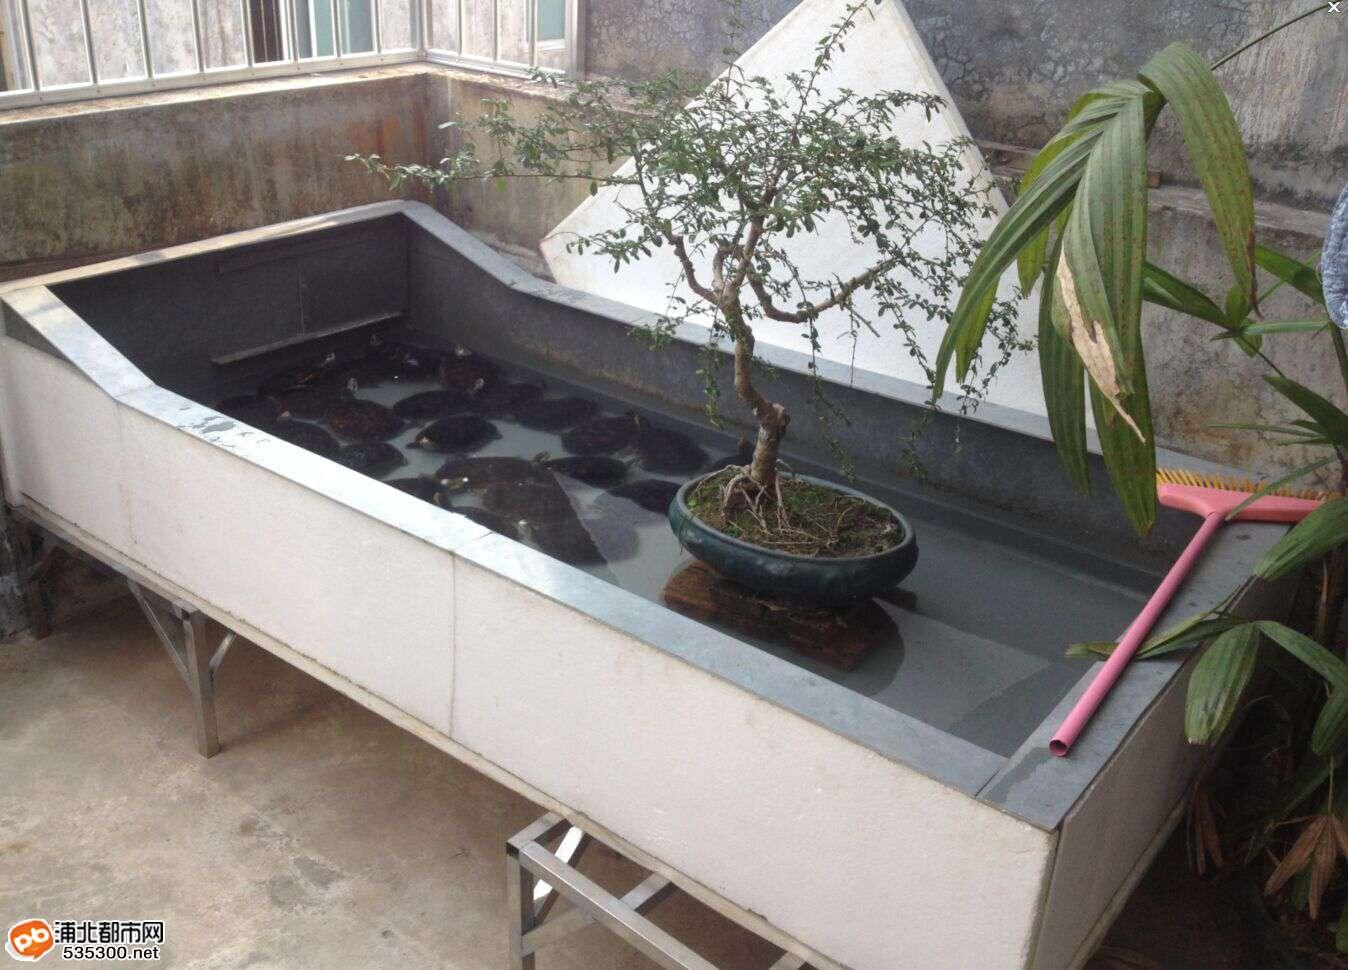 2014阳台龟池设计图_五彩雨花石鱼池,文化石鱼池,艺_设计分享